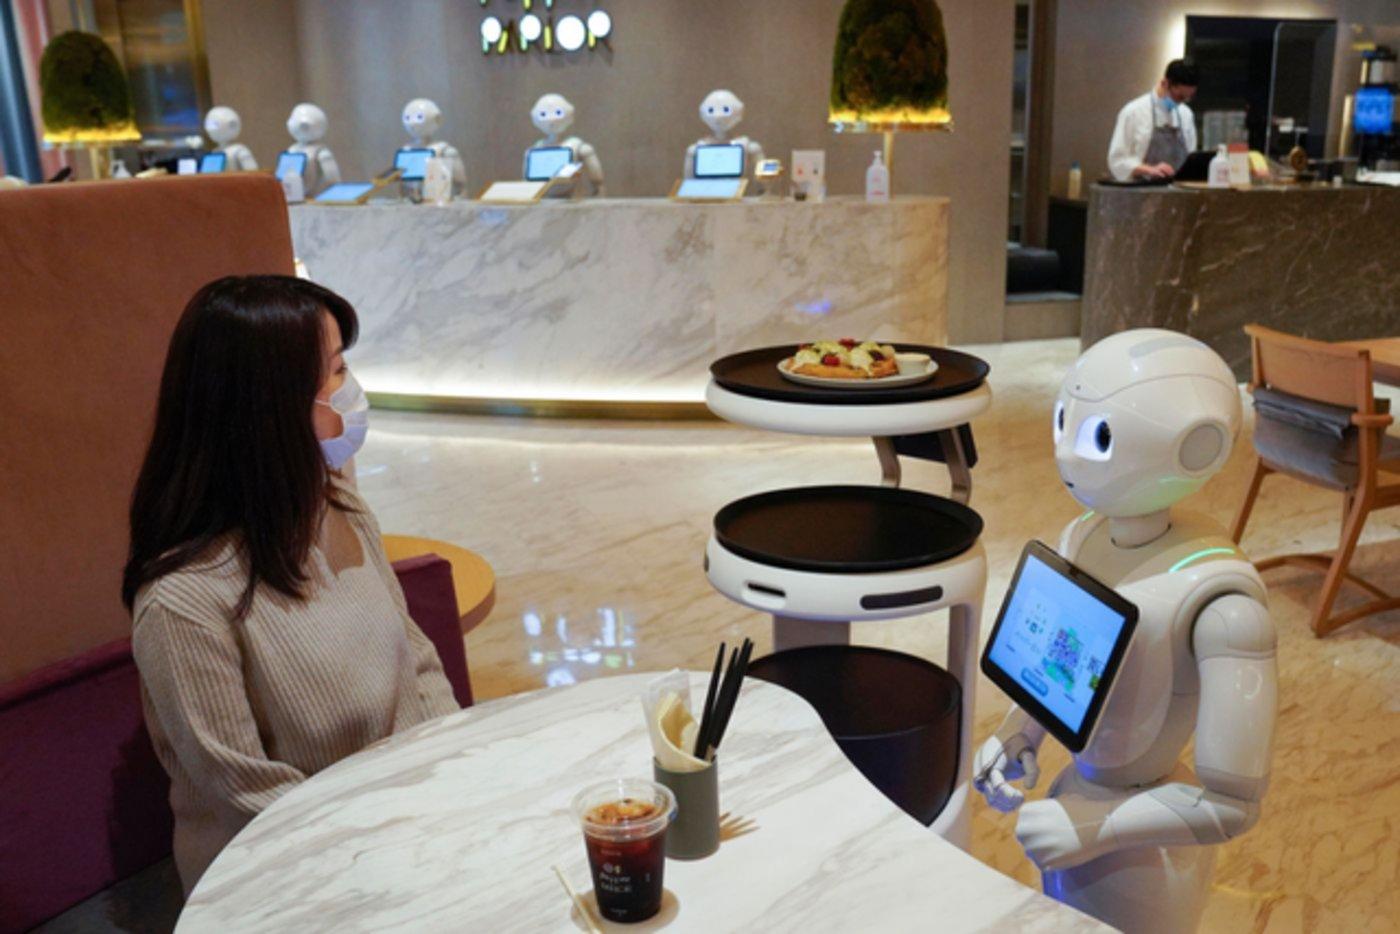 Pepper作为接待服务机器人